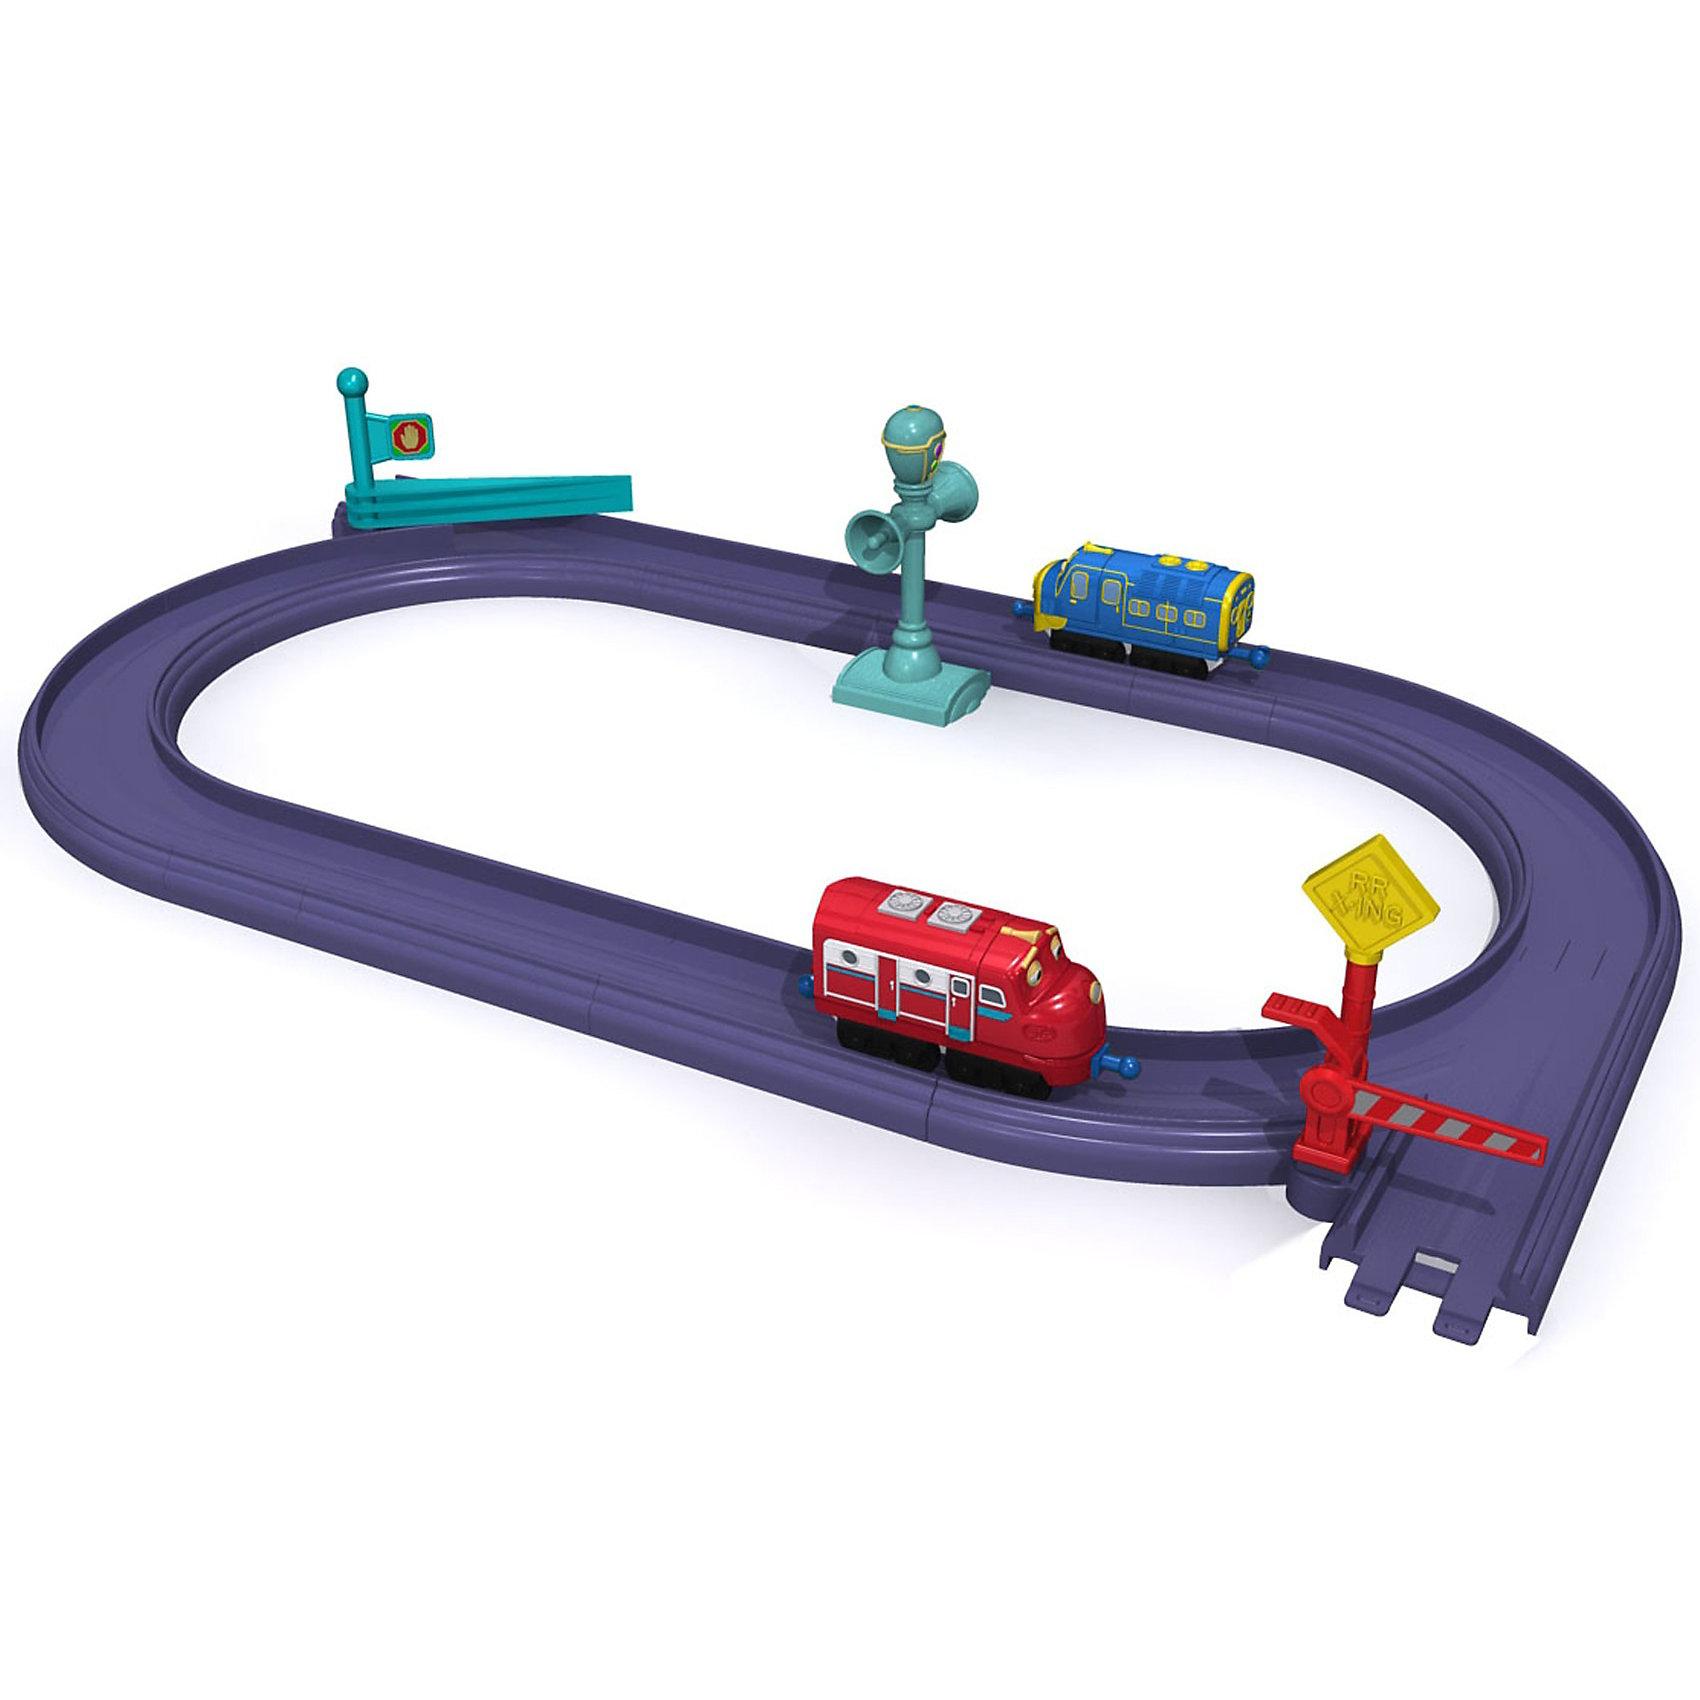 Железная дорога с двумя паровозиками, Чаггингтон